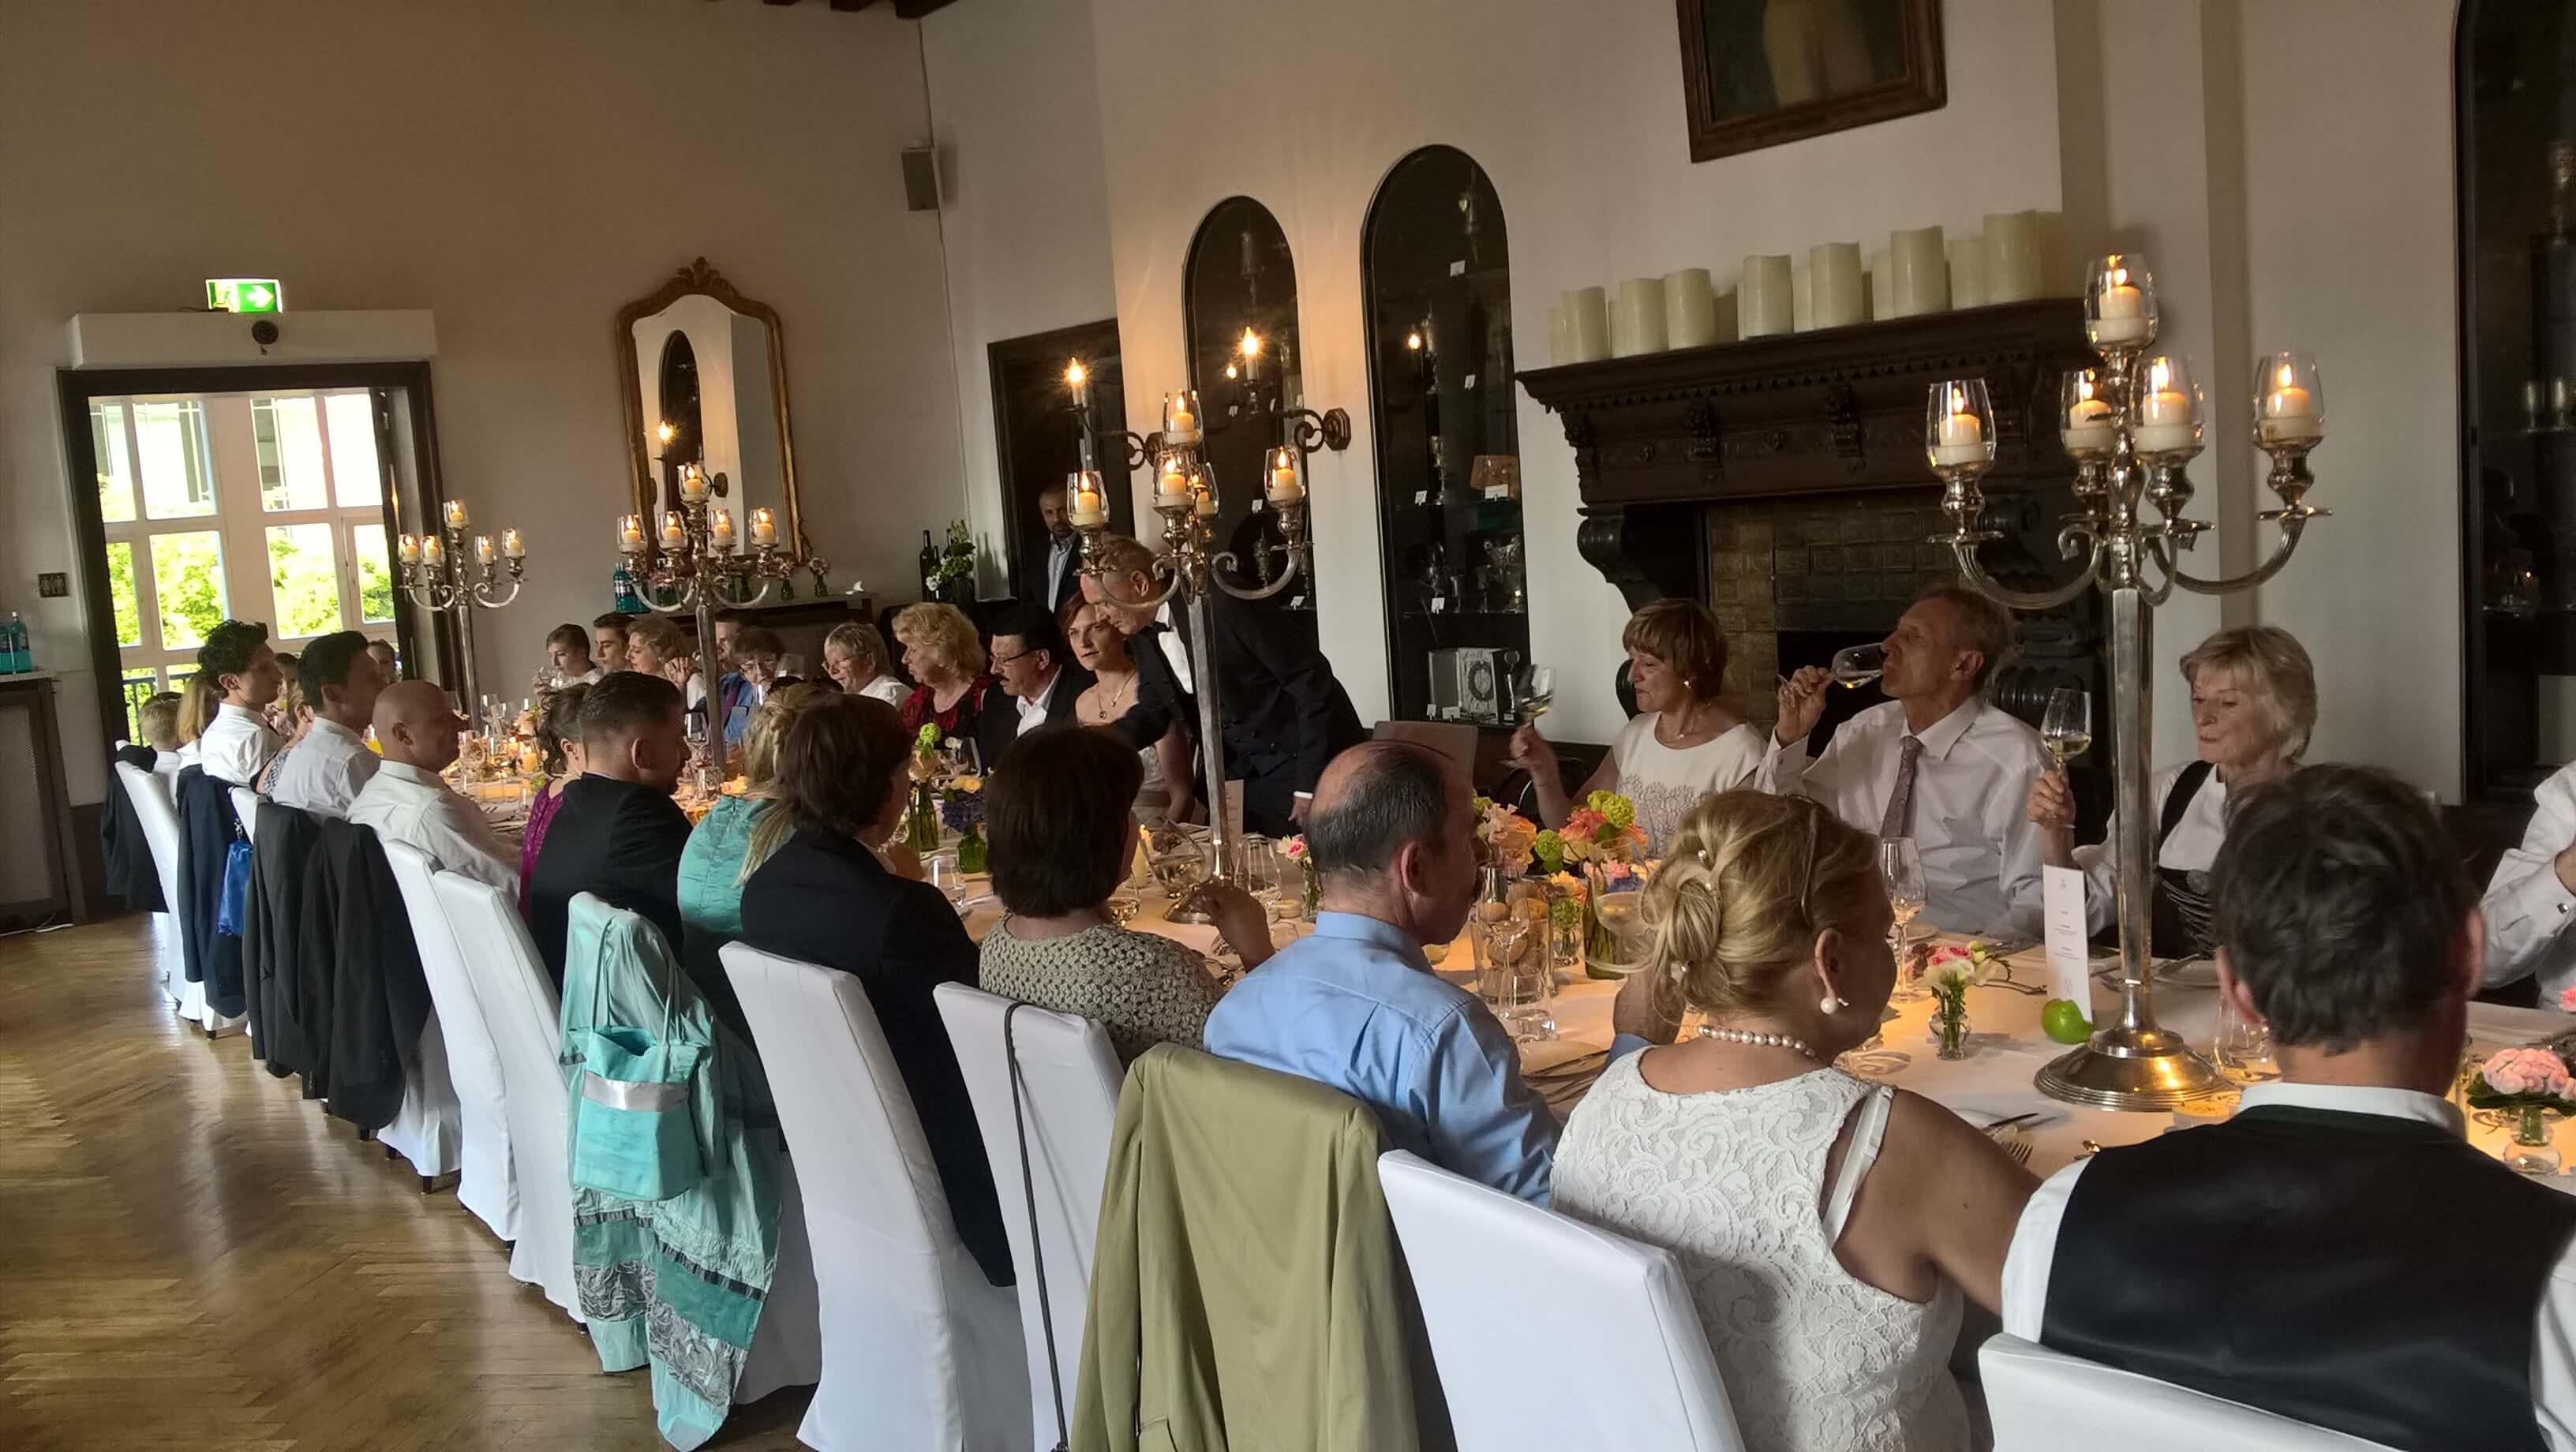 Eine Hochzeitsgemeinschaft ist beim Abendessen.